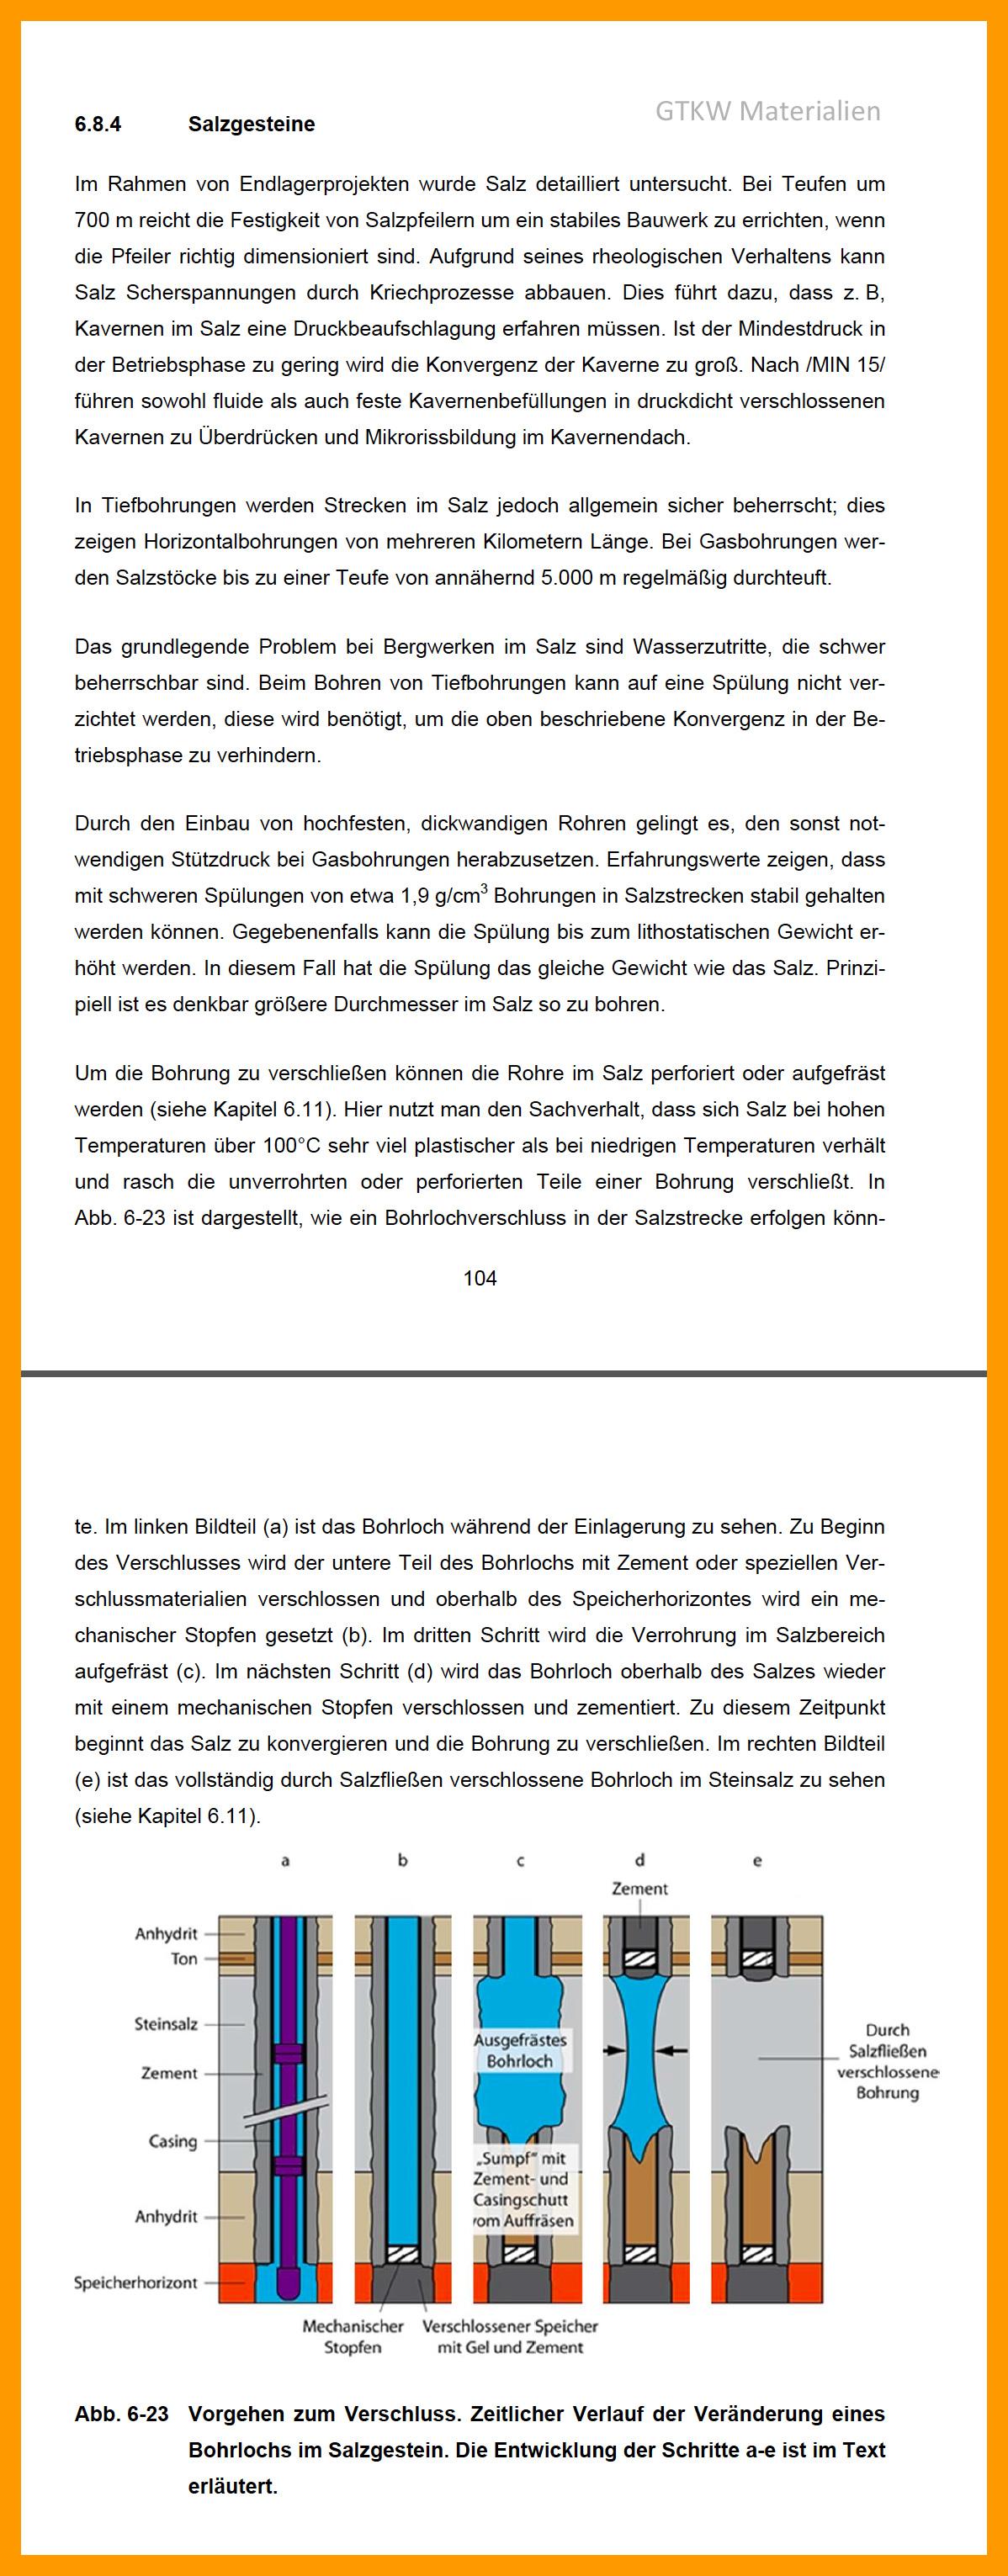 Bohren_von_Steinsalz_Tief_Horizontal_Kavernen_GRS_Gutachten_2016_GTKW_Materialien.jpg